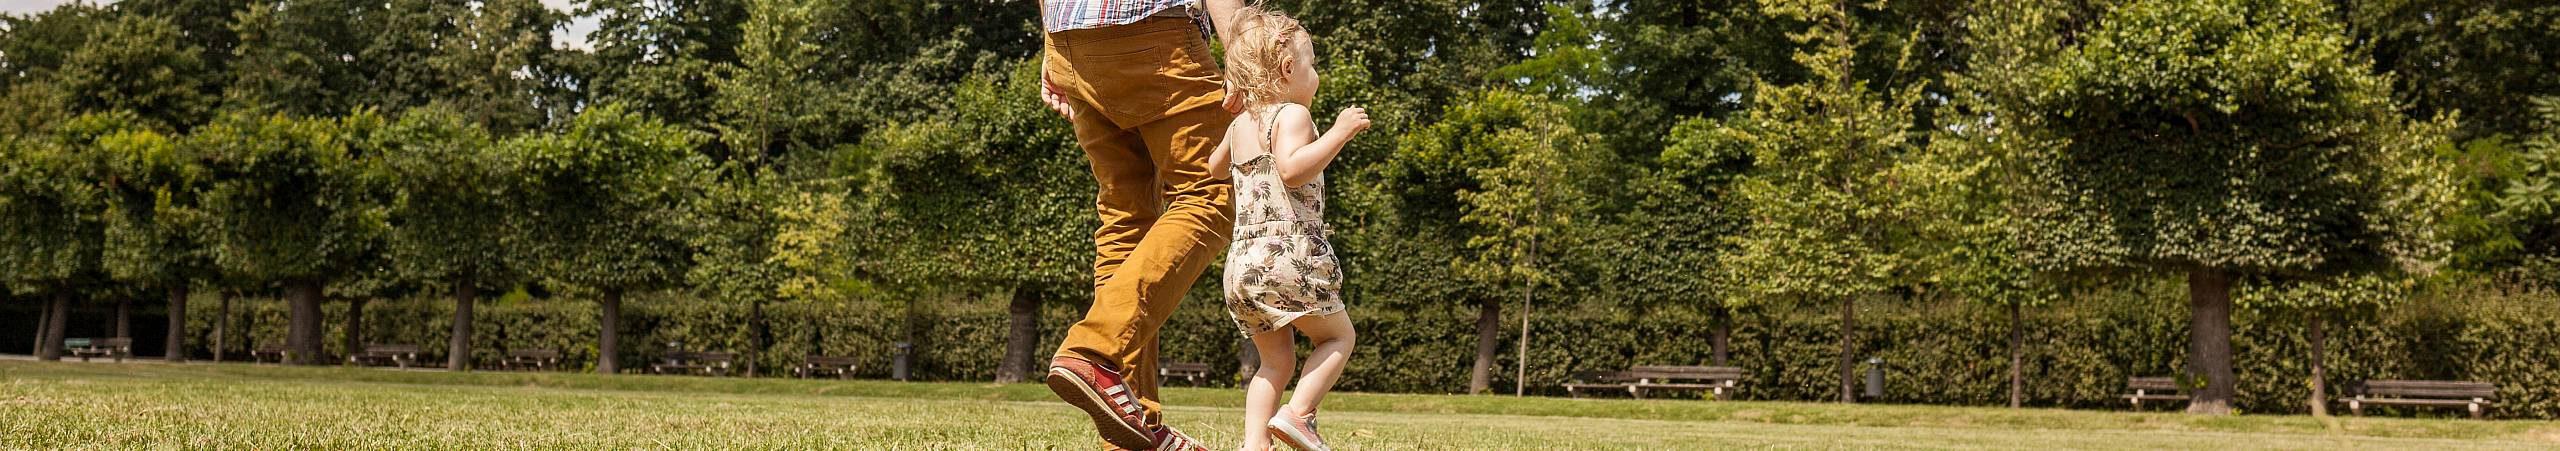 Ein Vater mit seiner 3 Jahre alten Tochter geht über eine grüne Wiese. Foto von Stephan Doleschal